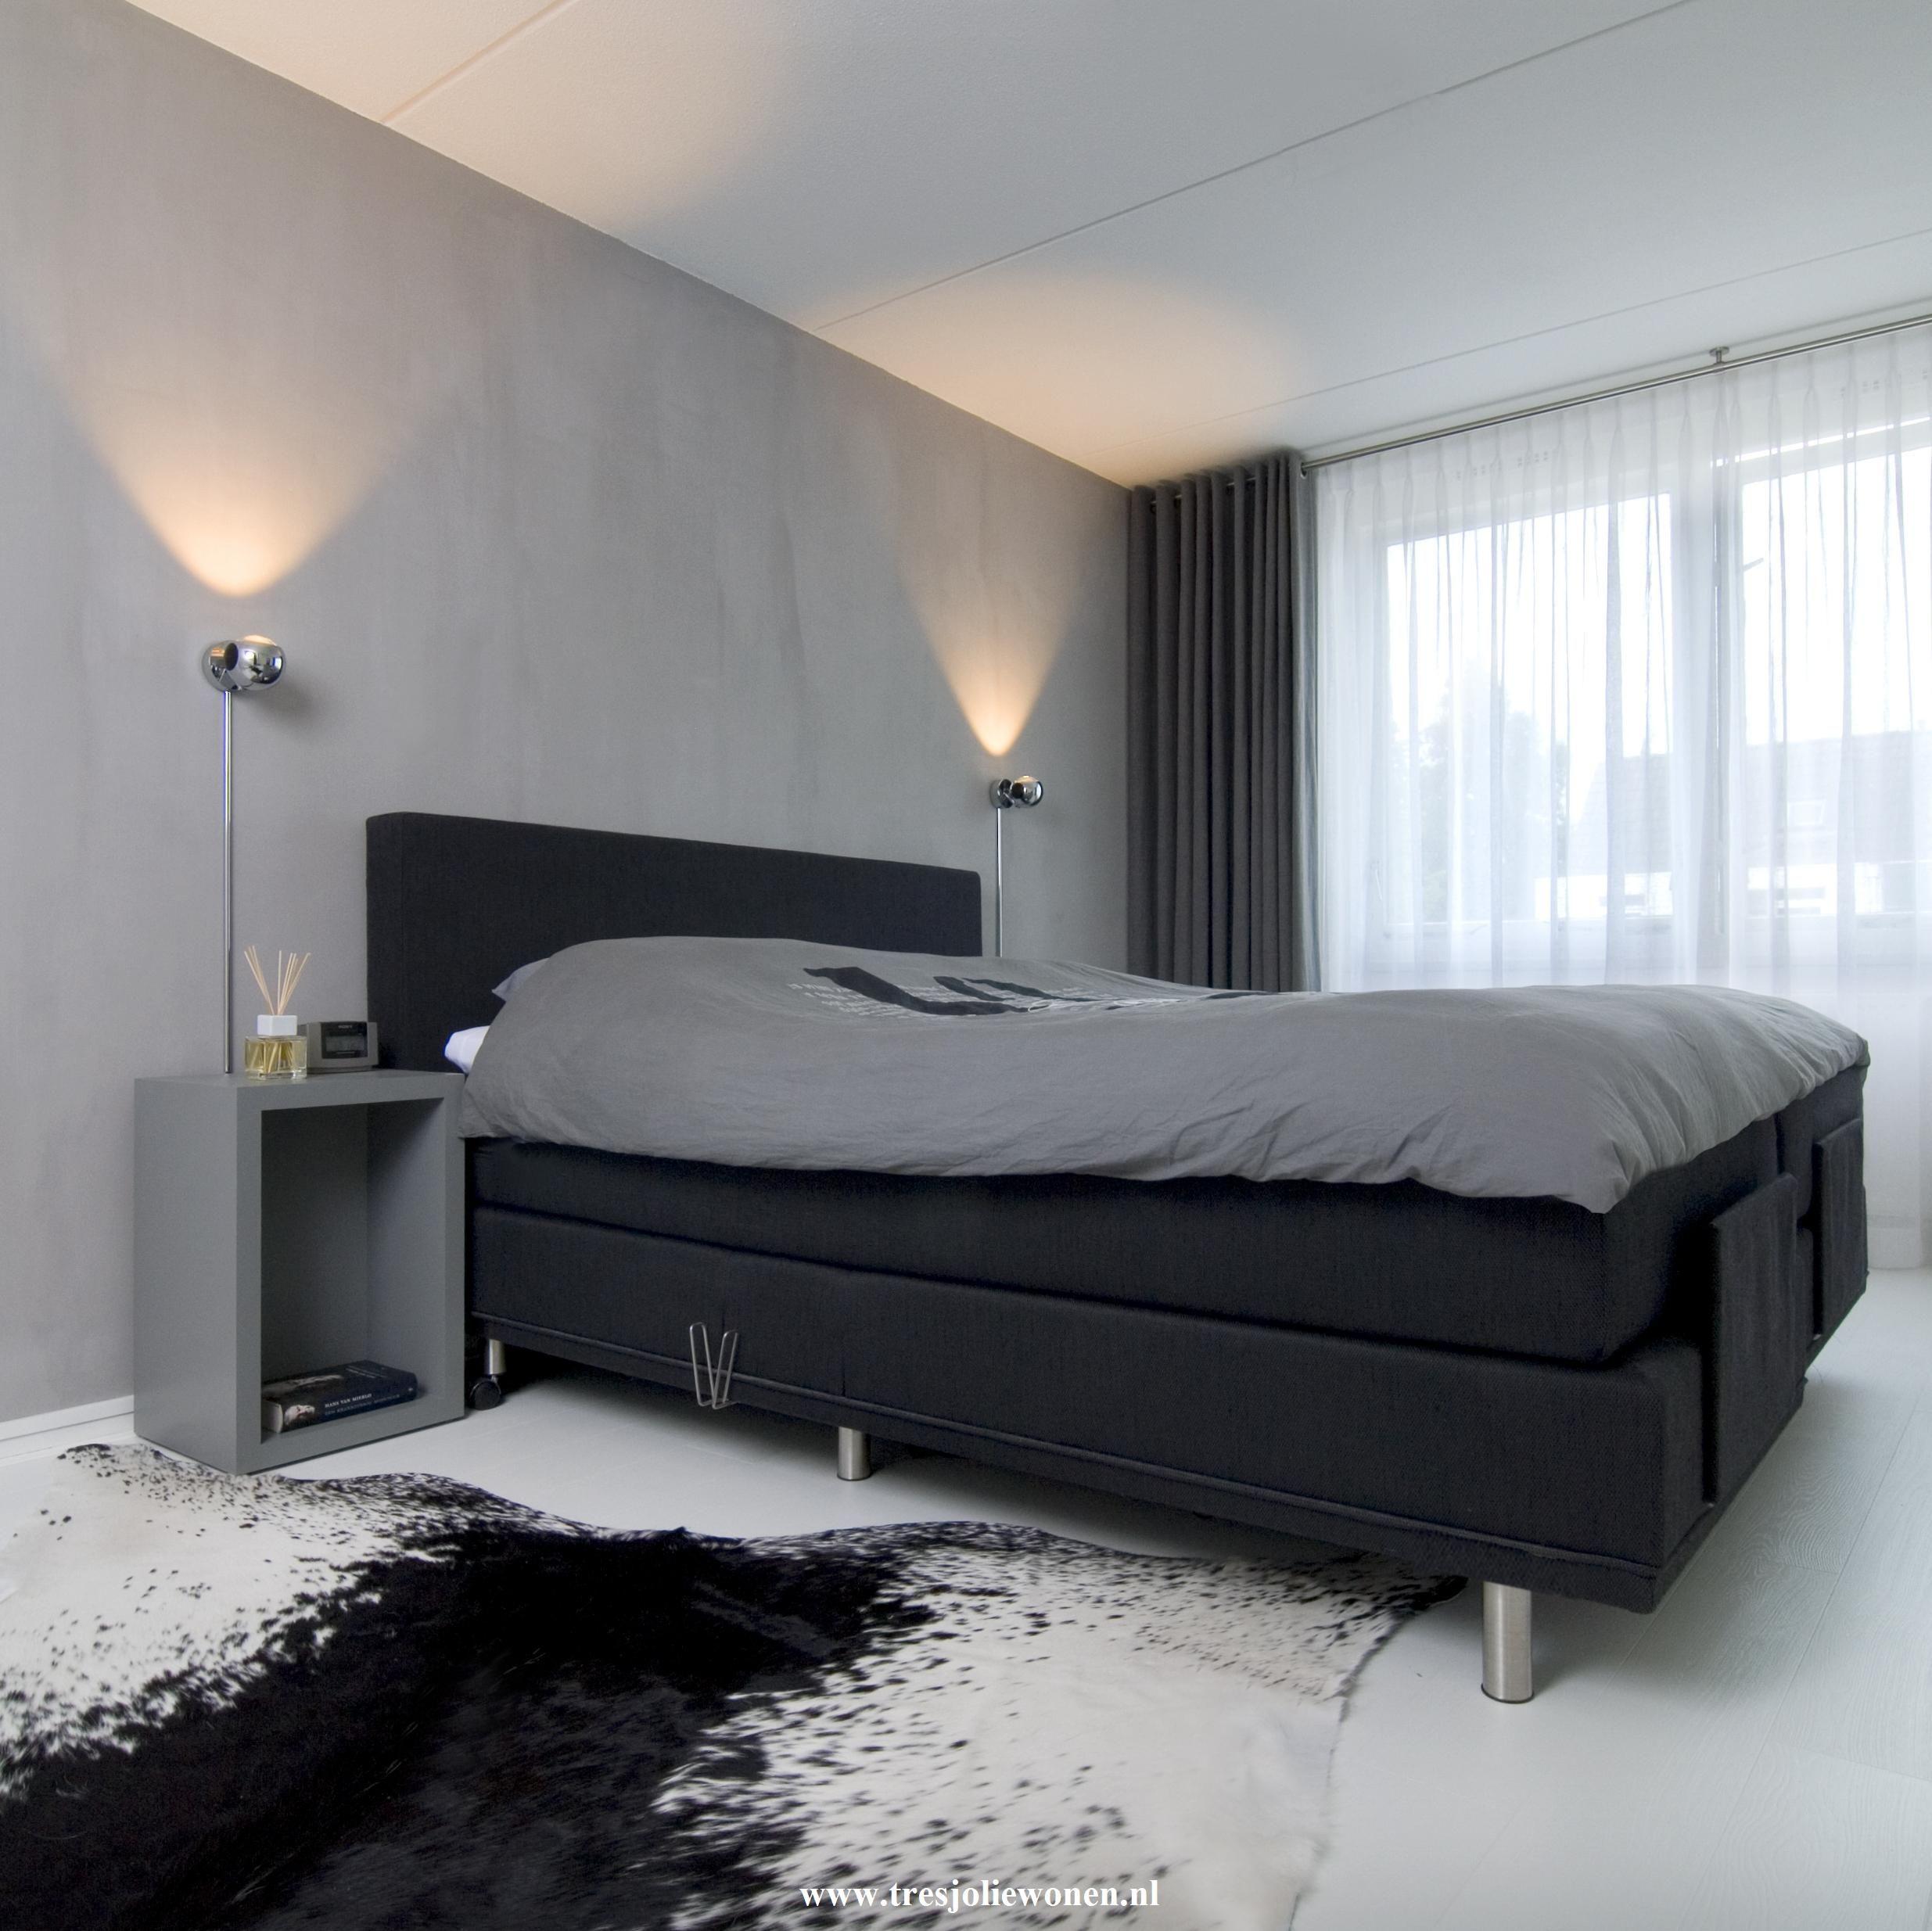 Strakke slaapkamer en toch sfeervol door gebruik van